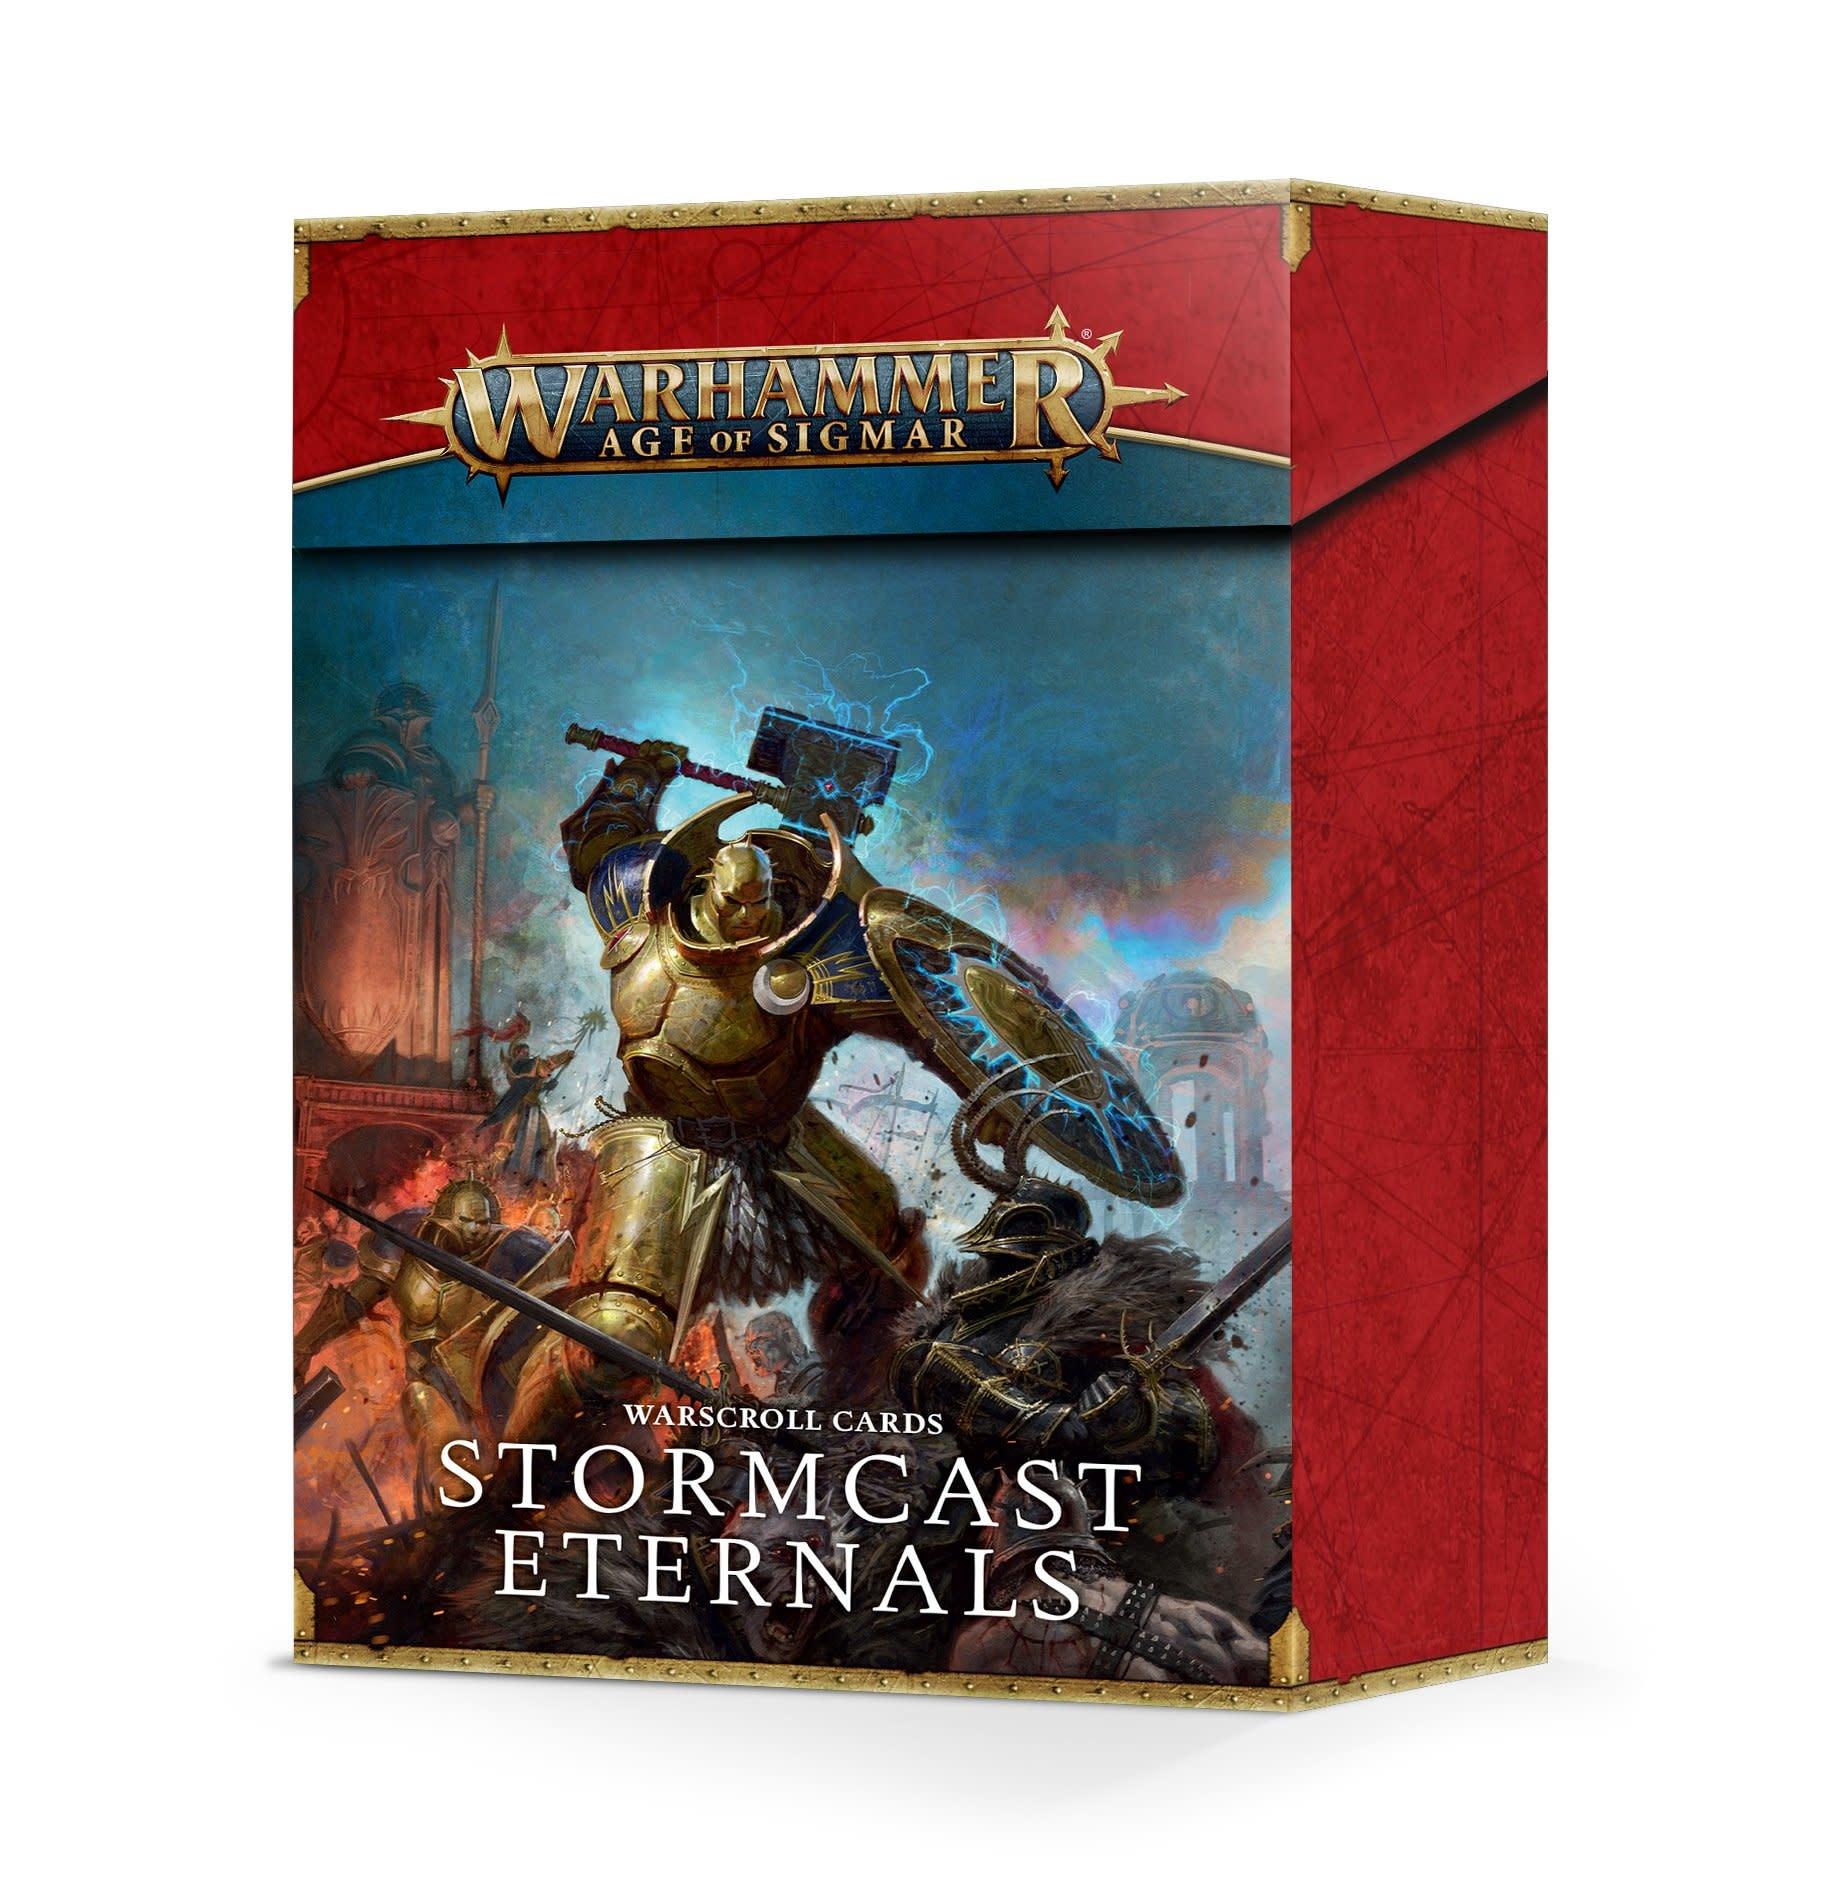 Games-Workshop Stormcast Eternals Warscroll Cards